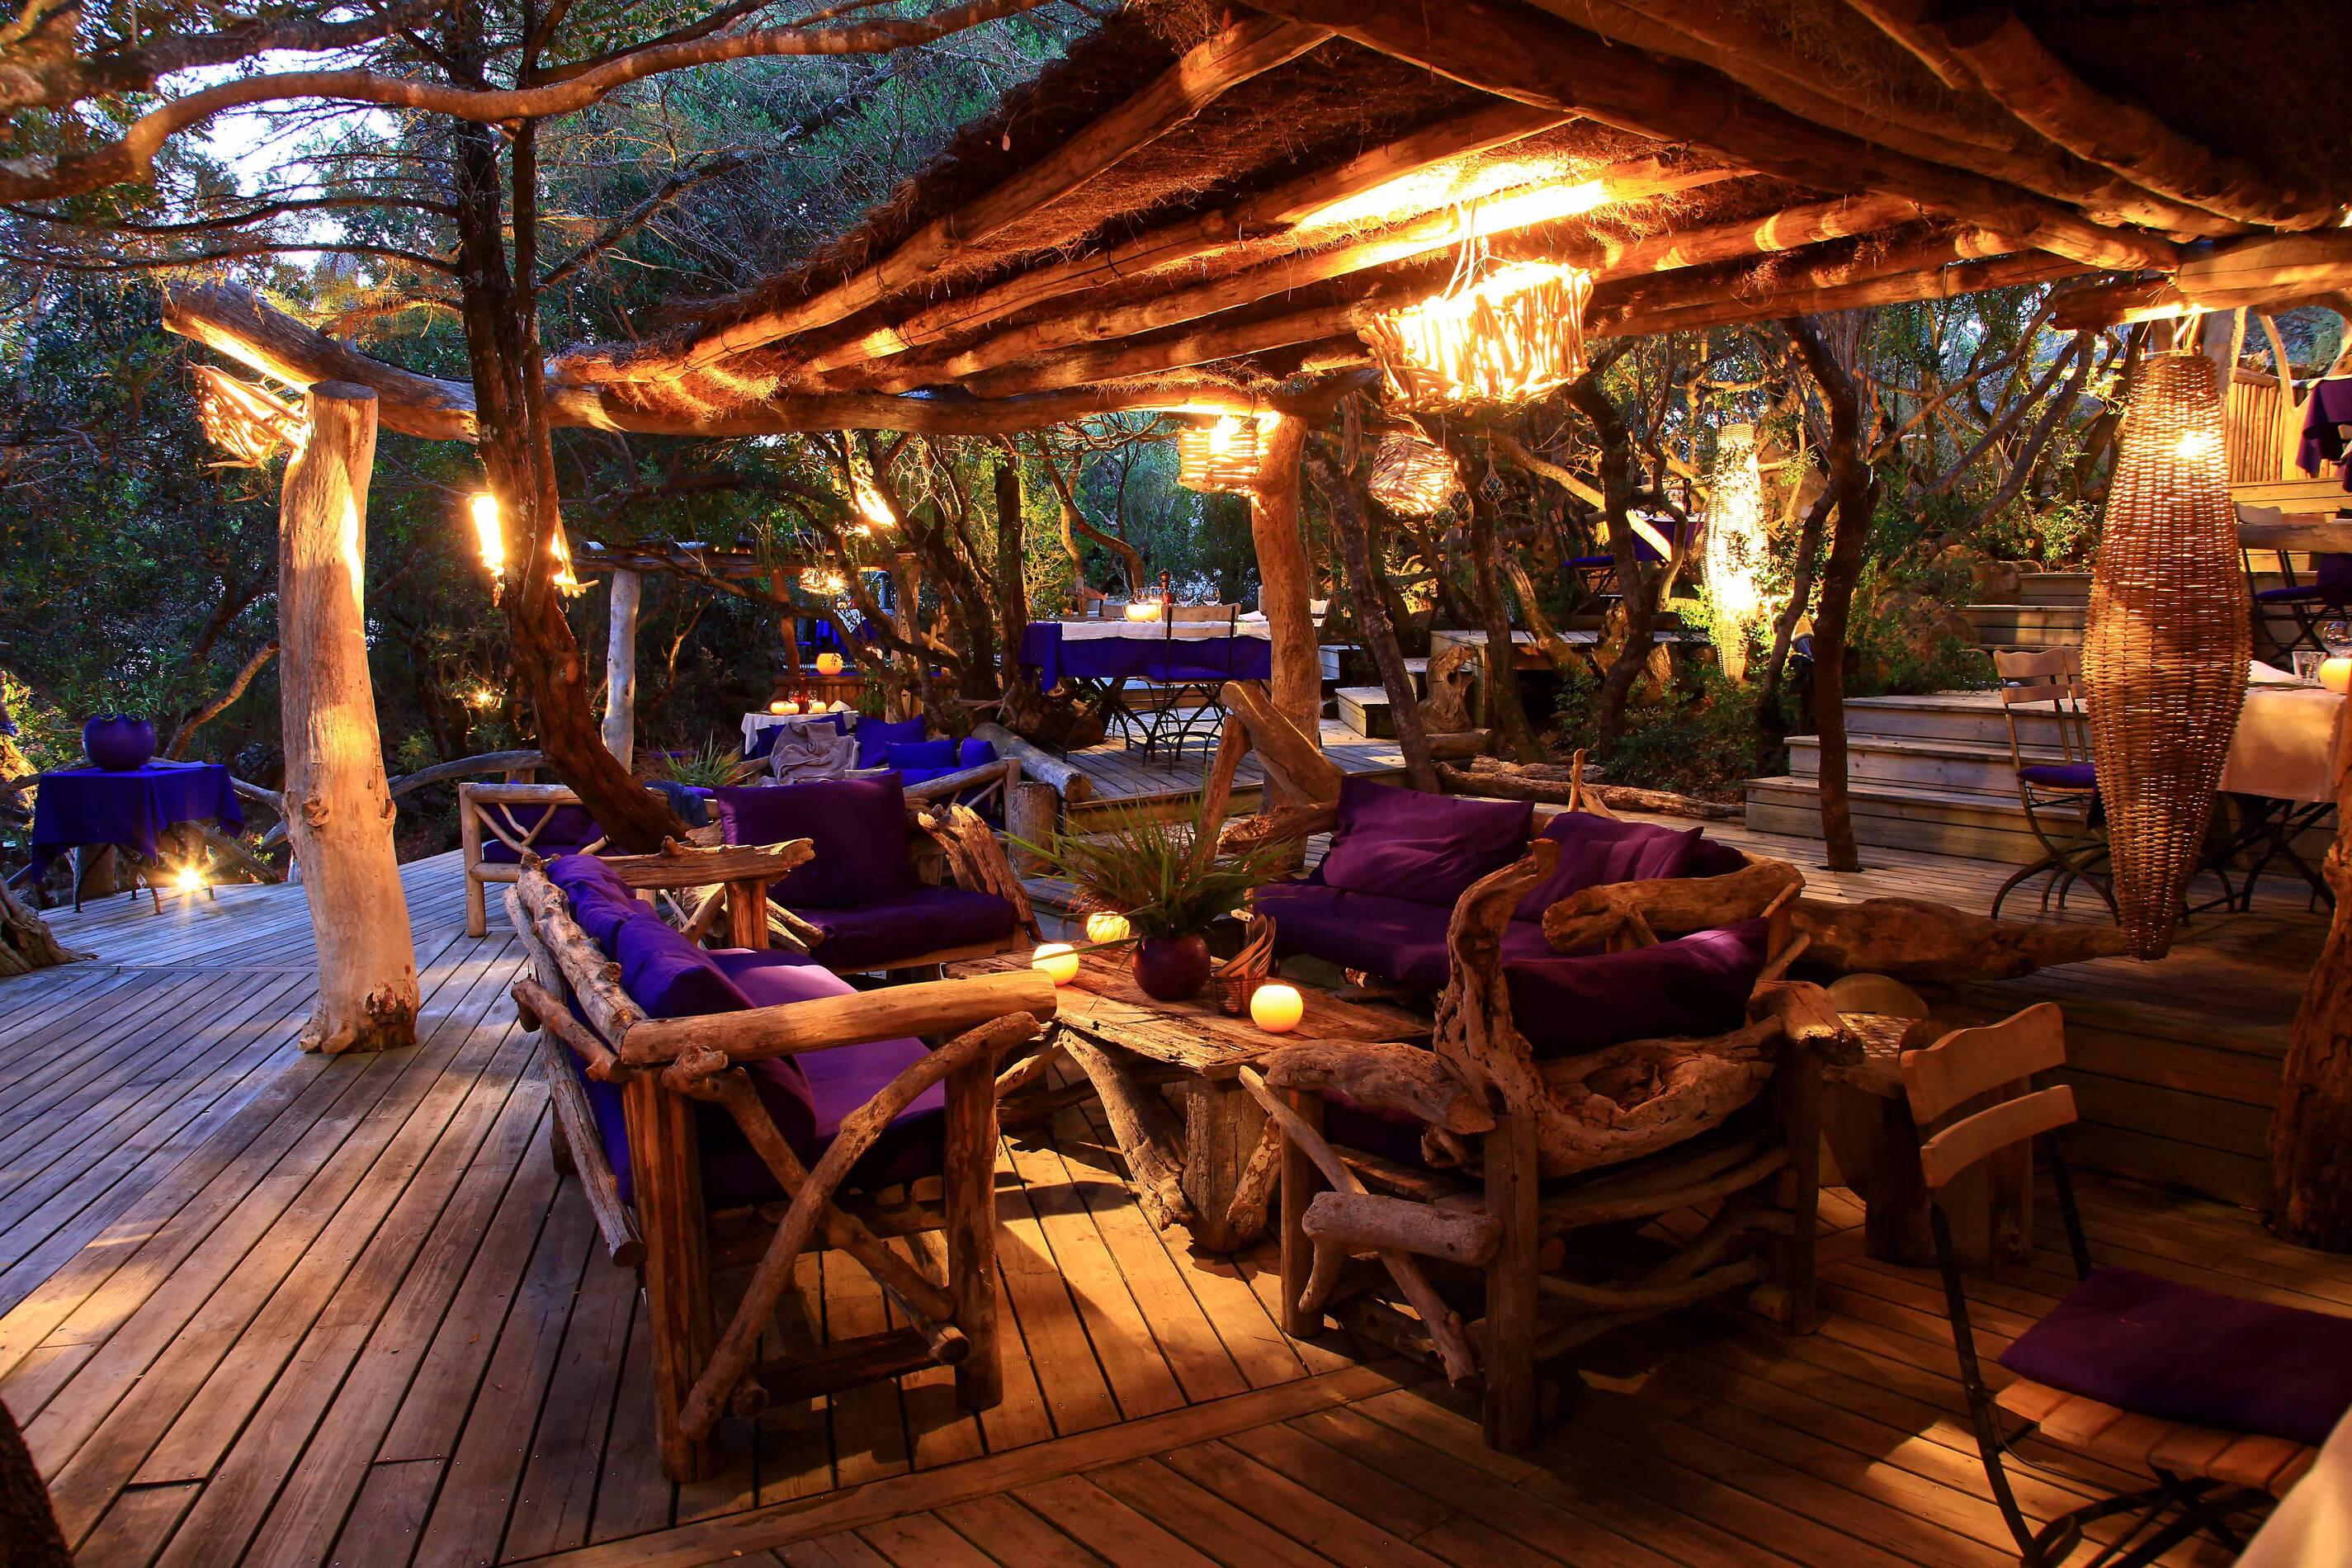 Domaine De Murtoli Beach Restaurant Corse Camille Moirenc